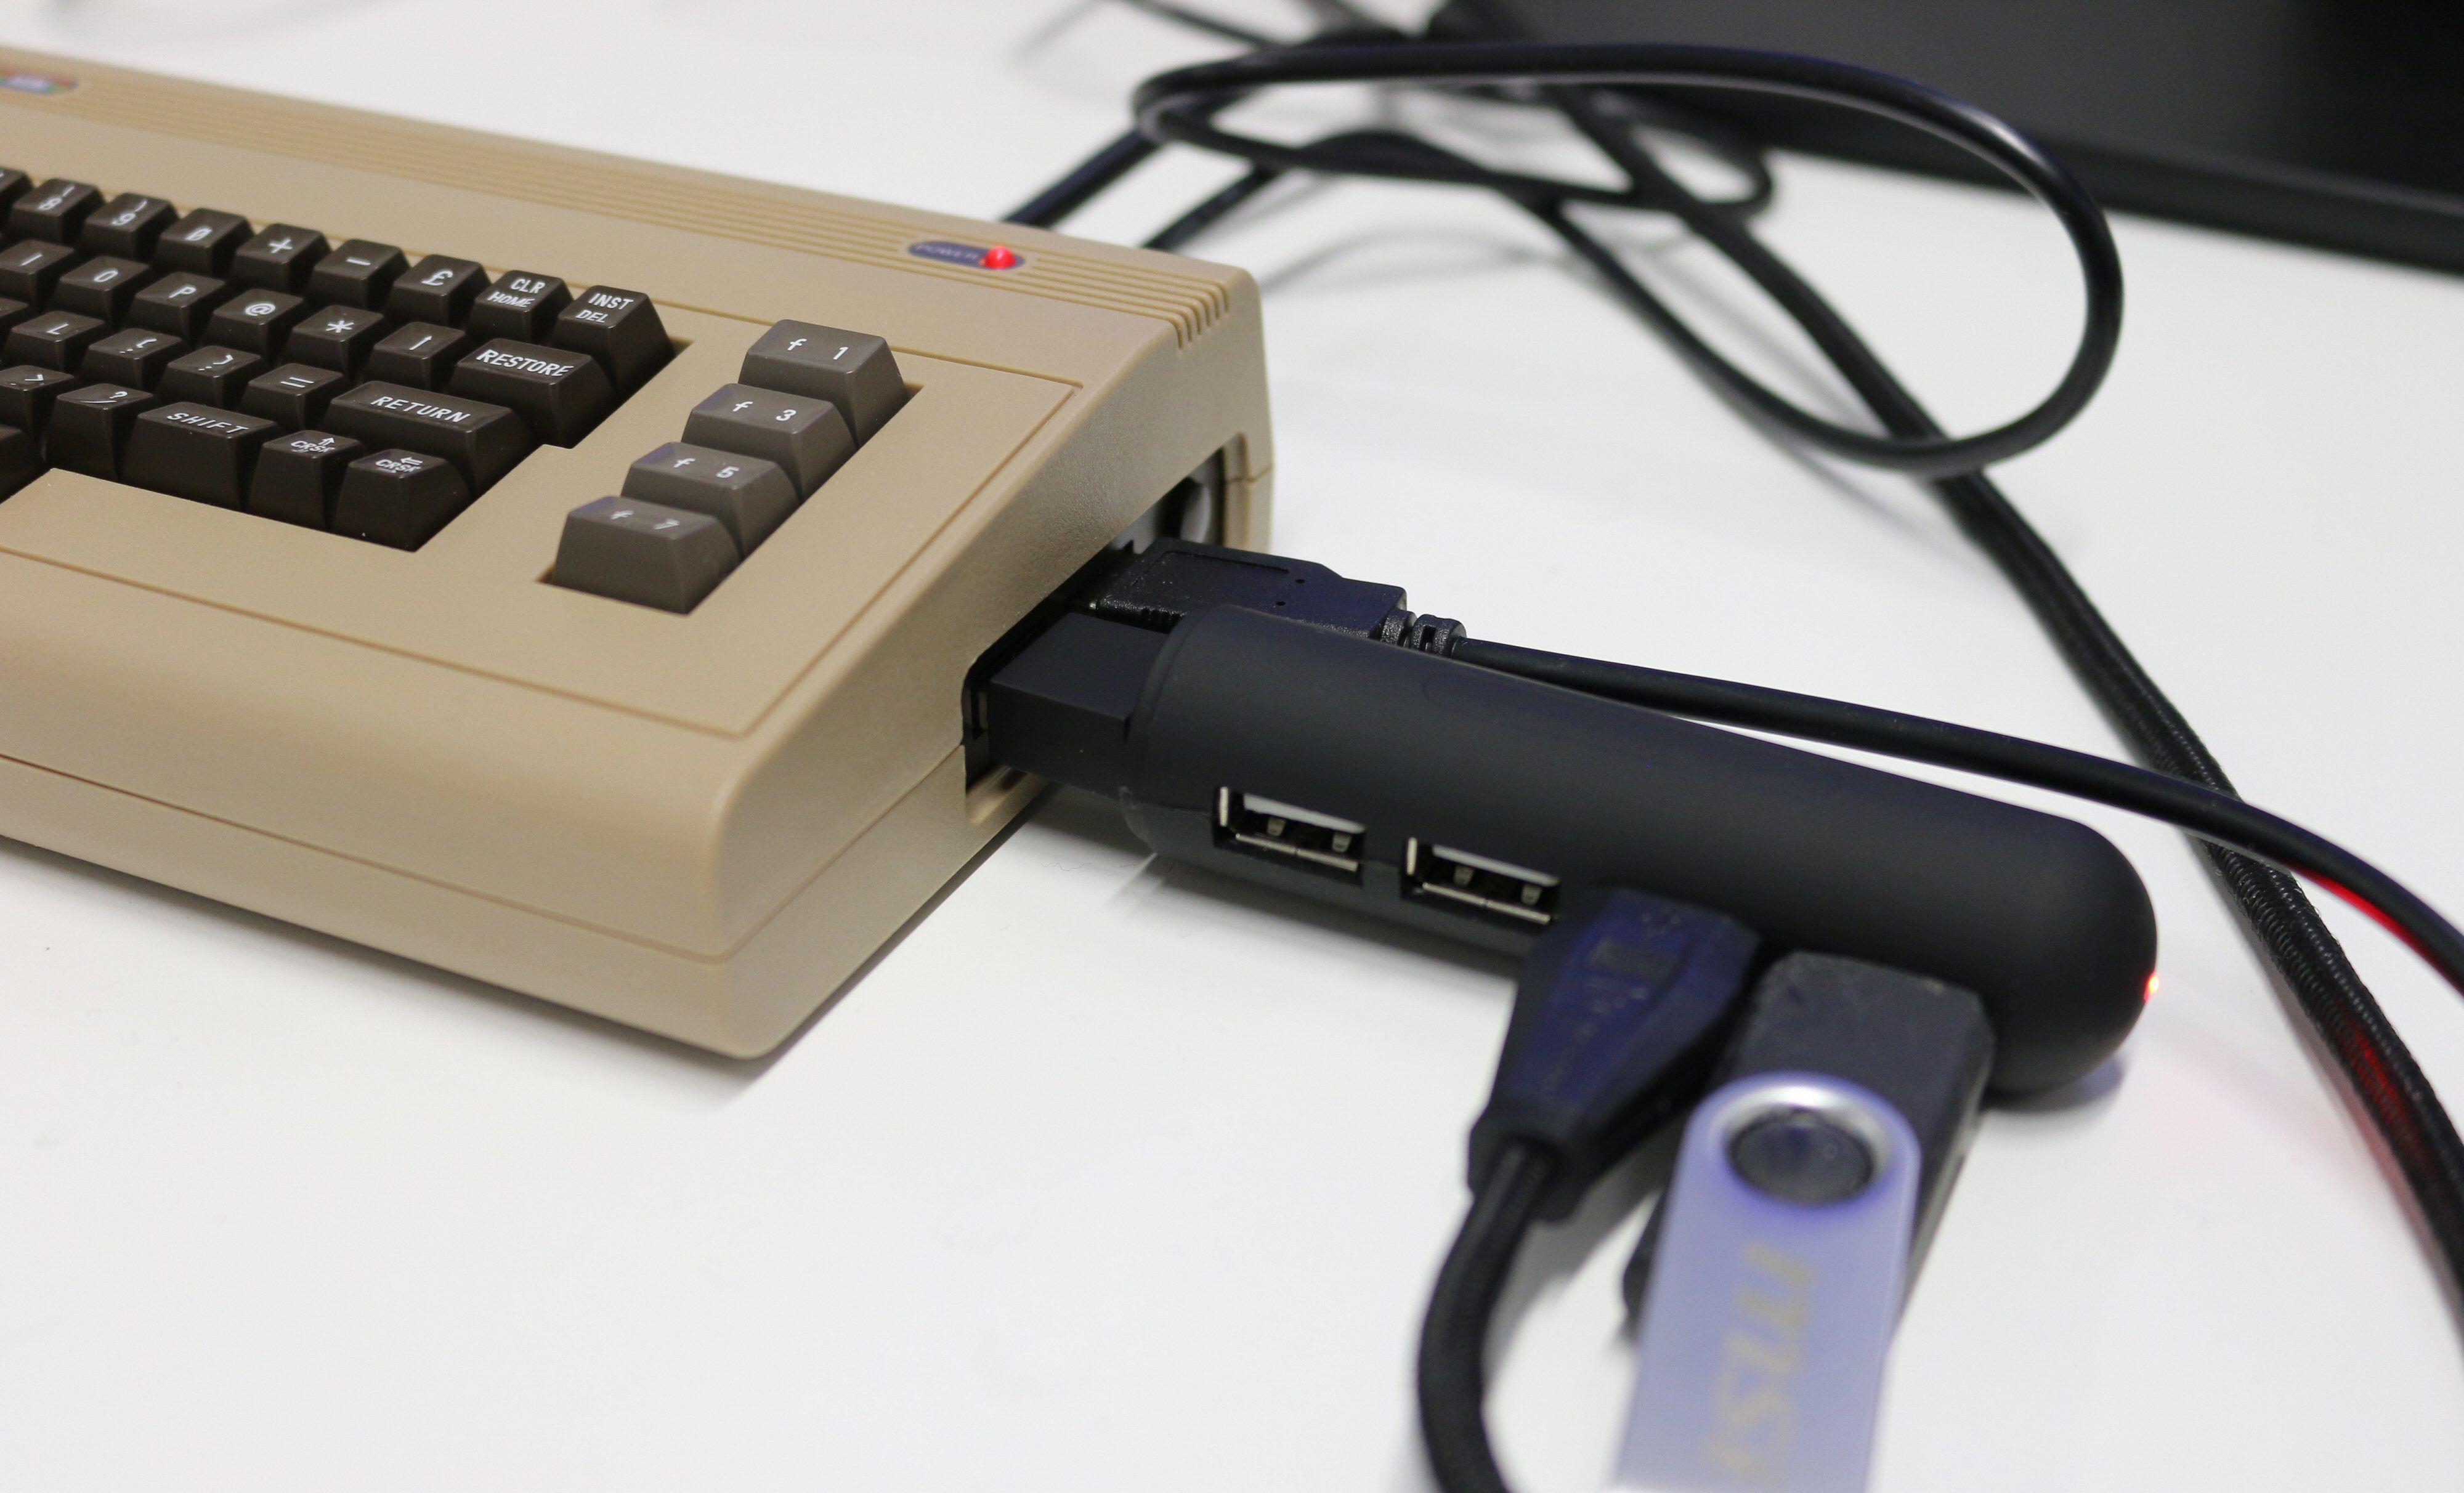 Laste inn andre spill? Da måtte vi fram med USB-huben.